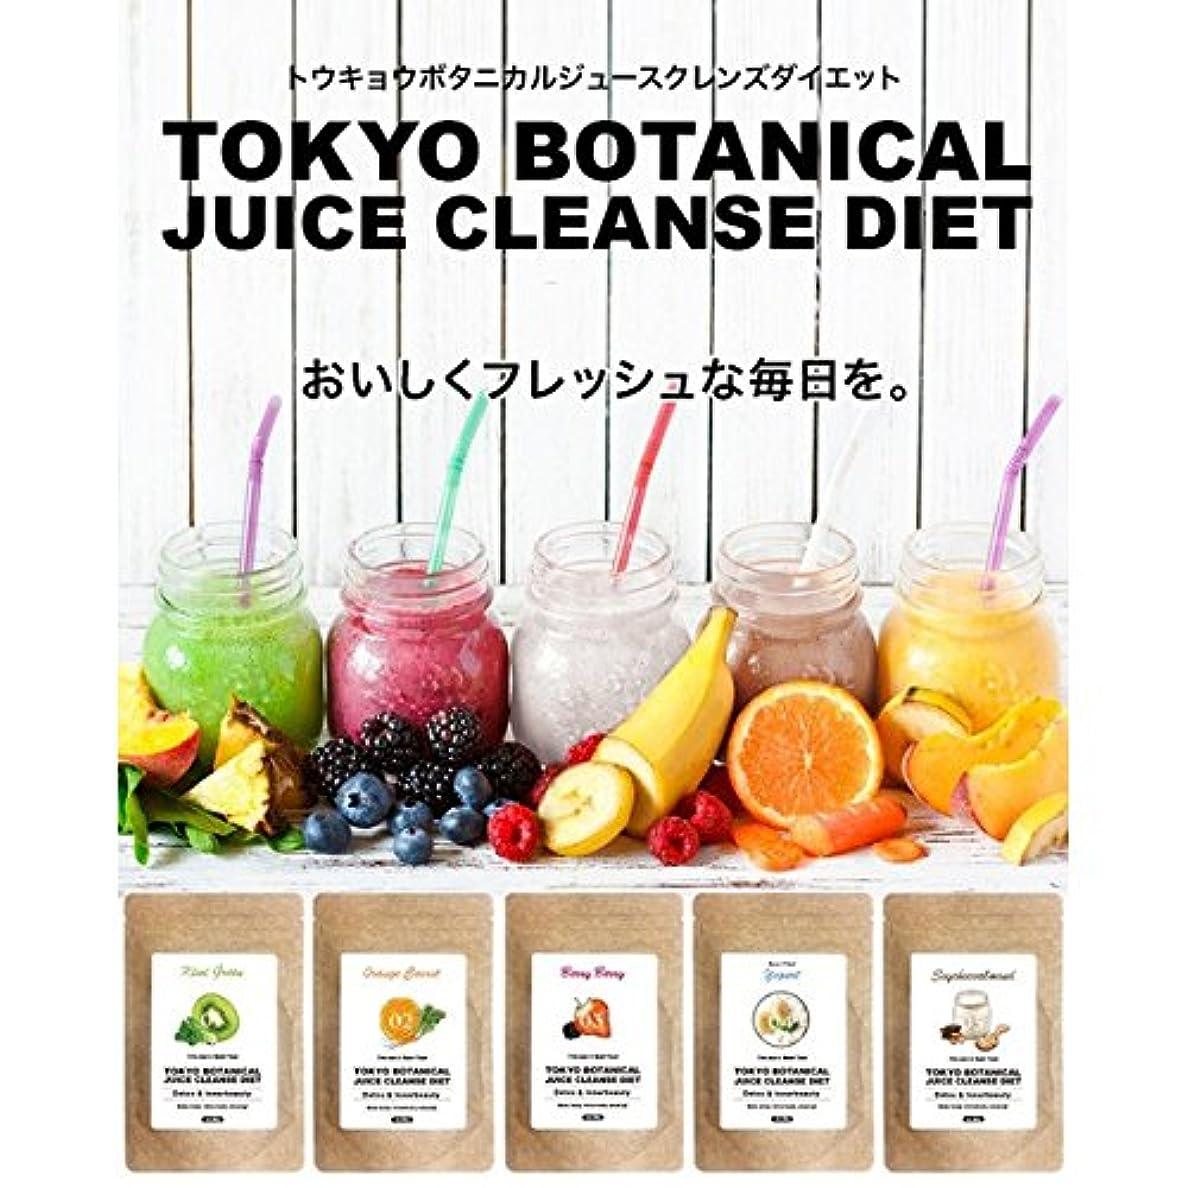 まとめる農学陰謀東京ボタニカルジュースクレンズダイエット  キウイグリーン&ソイチョコアーモンドセット